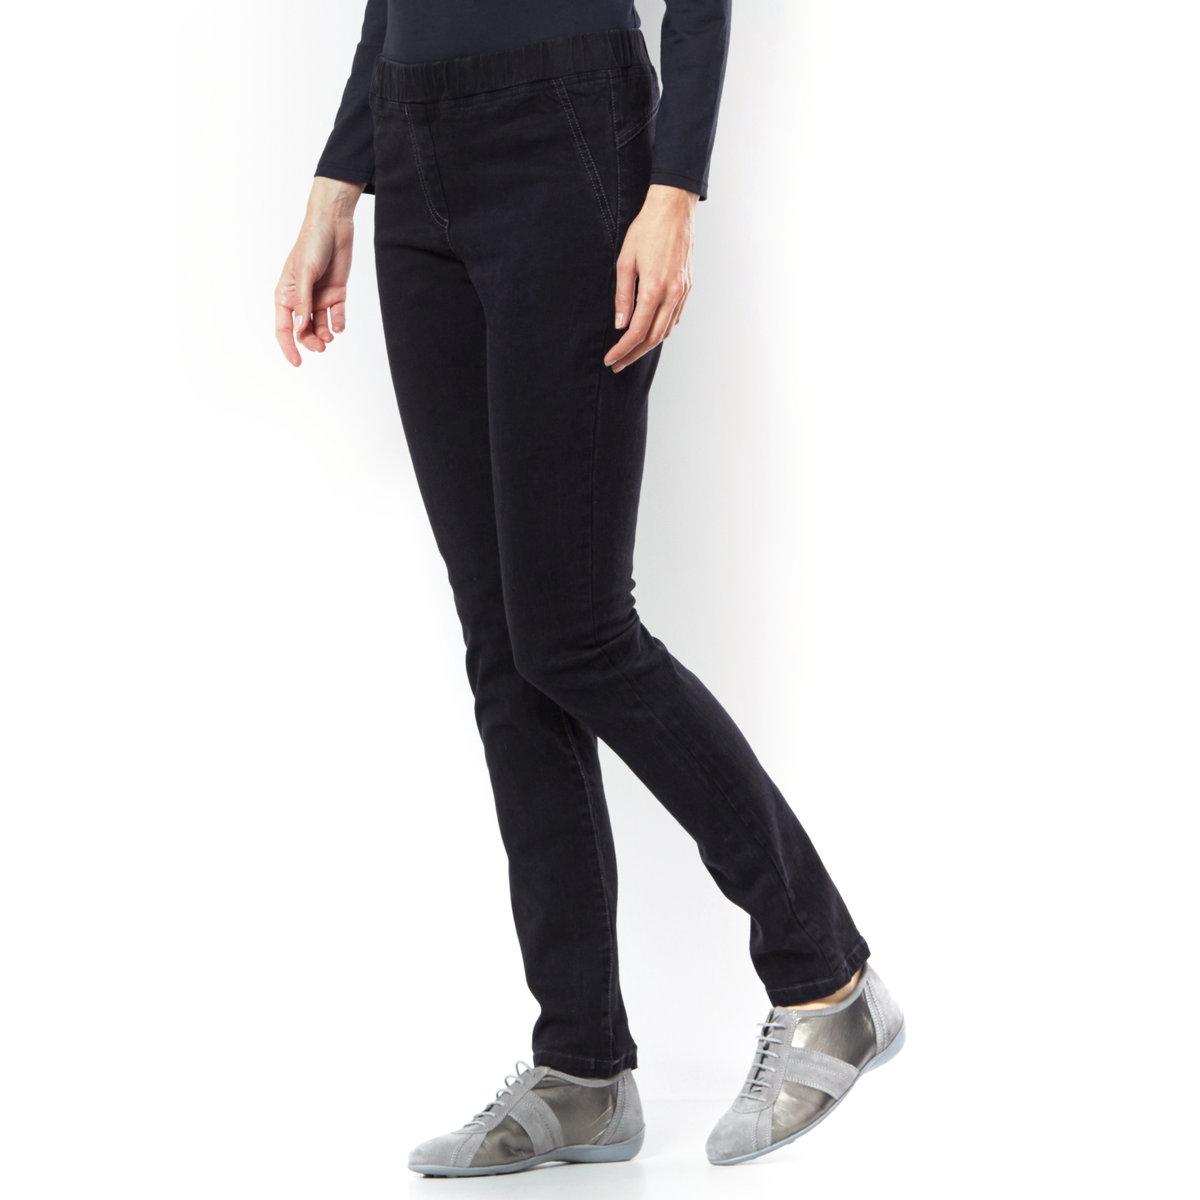 Джеггинсы без застежкиСтиль джинсов и комфорт леггинсов. Эластичный пояс. Ложные итальянские карманы. Ложная планка застежки. Накладные карманы с заклепками сзади. Длина по внутр. 78 см, ширина по низу 16 см. Для варианта в серо-синем цвете: деним стретч, 88% хлопка, 9% эластомультиэстра, 3% эластана, для варианта в черном цвете: 98% хлопка, 2% эластана.<br><br>Цвет: черный